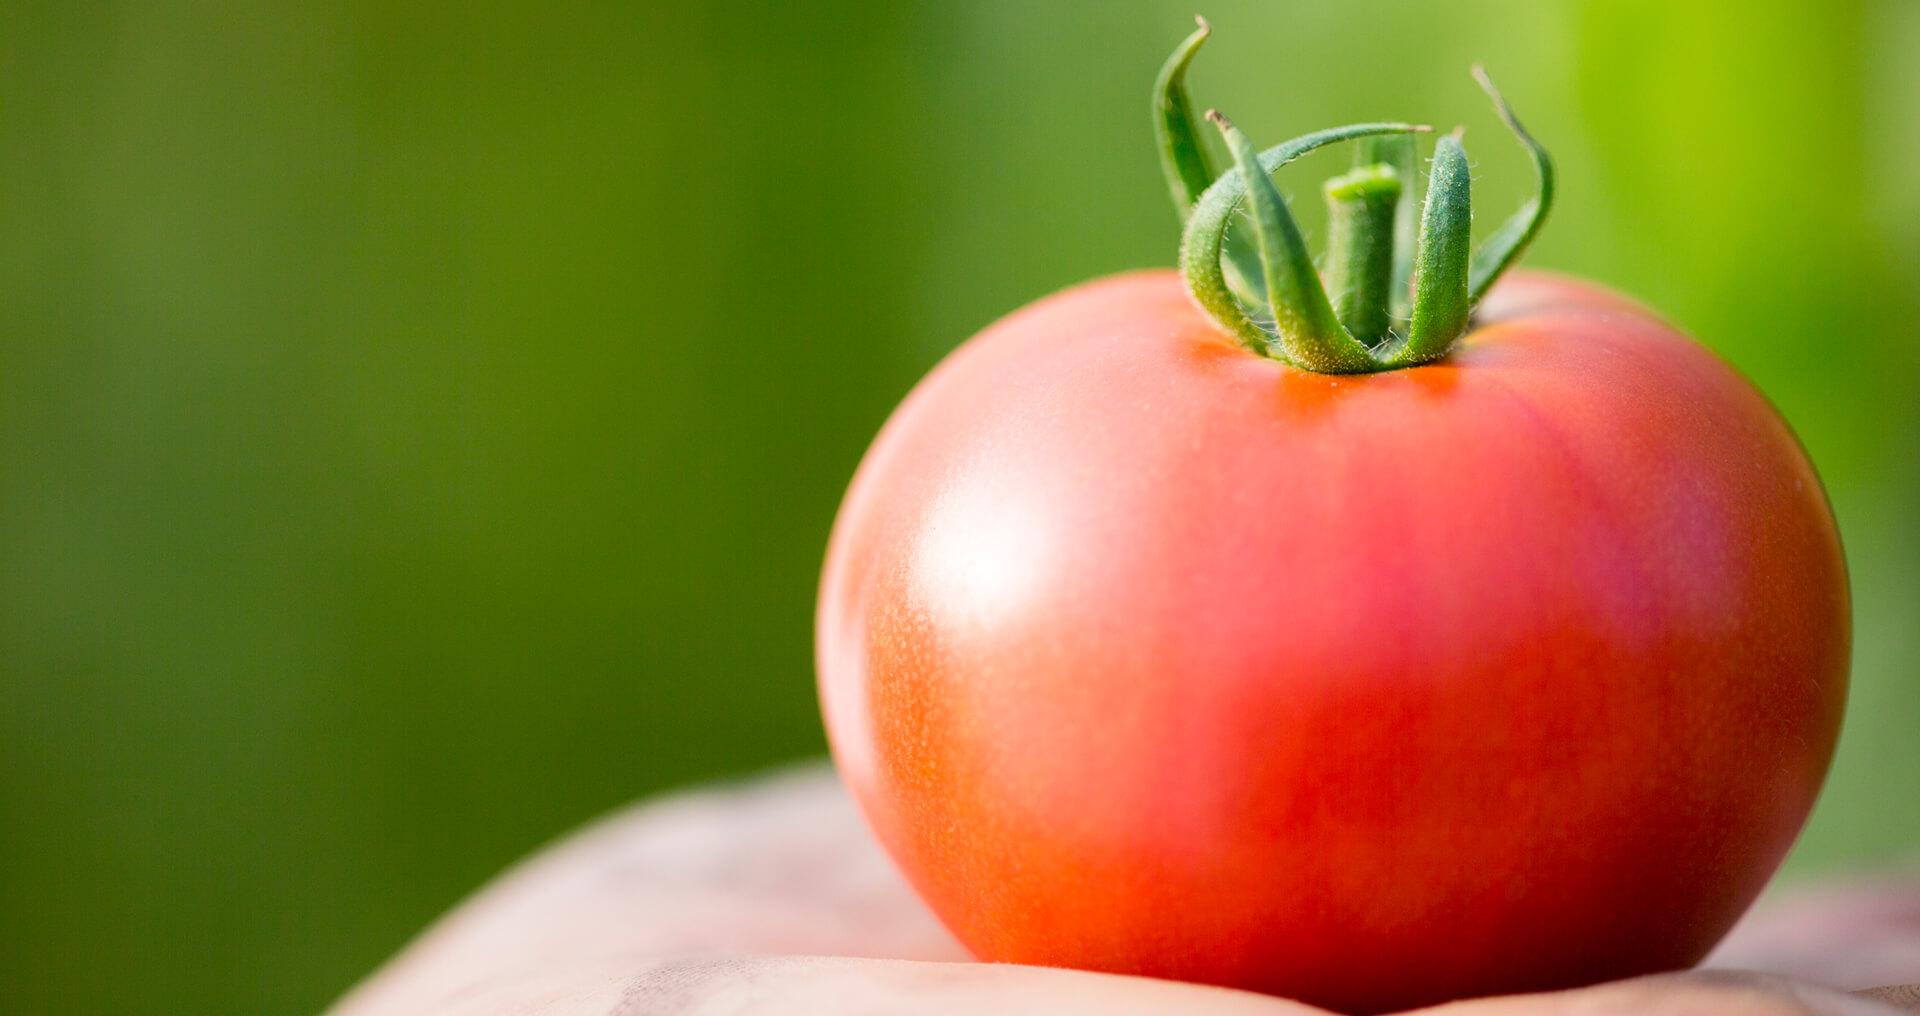 一番美味しいときに、一番いいものを 新門トマト農園 高糖度トマト新門トマト農園 FAXでのご予約